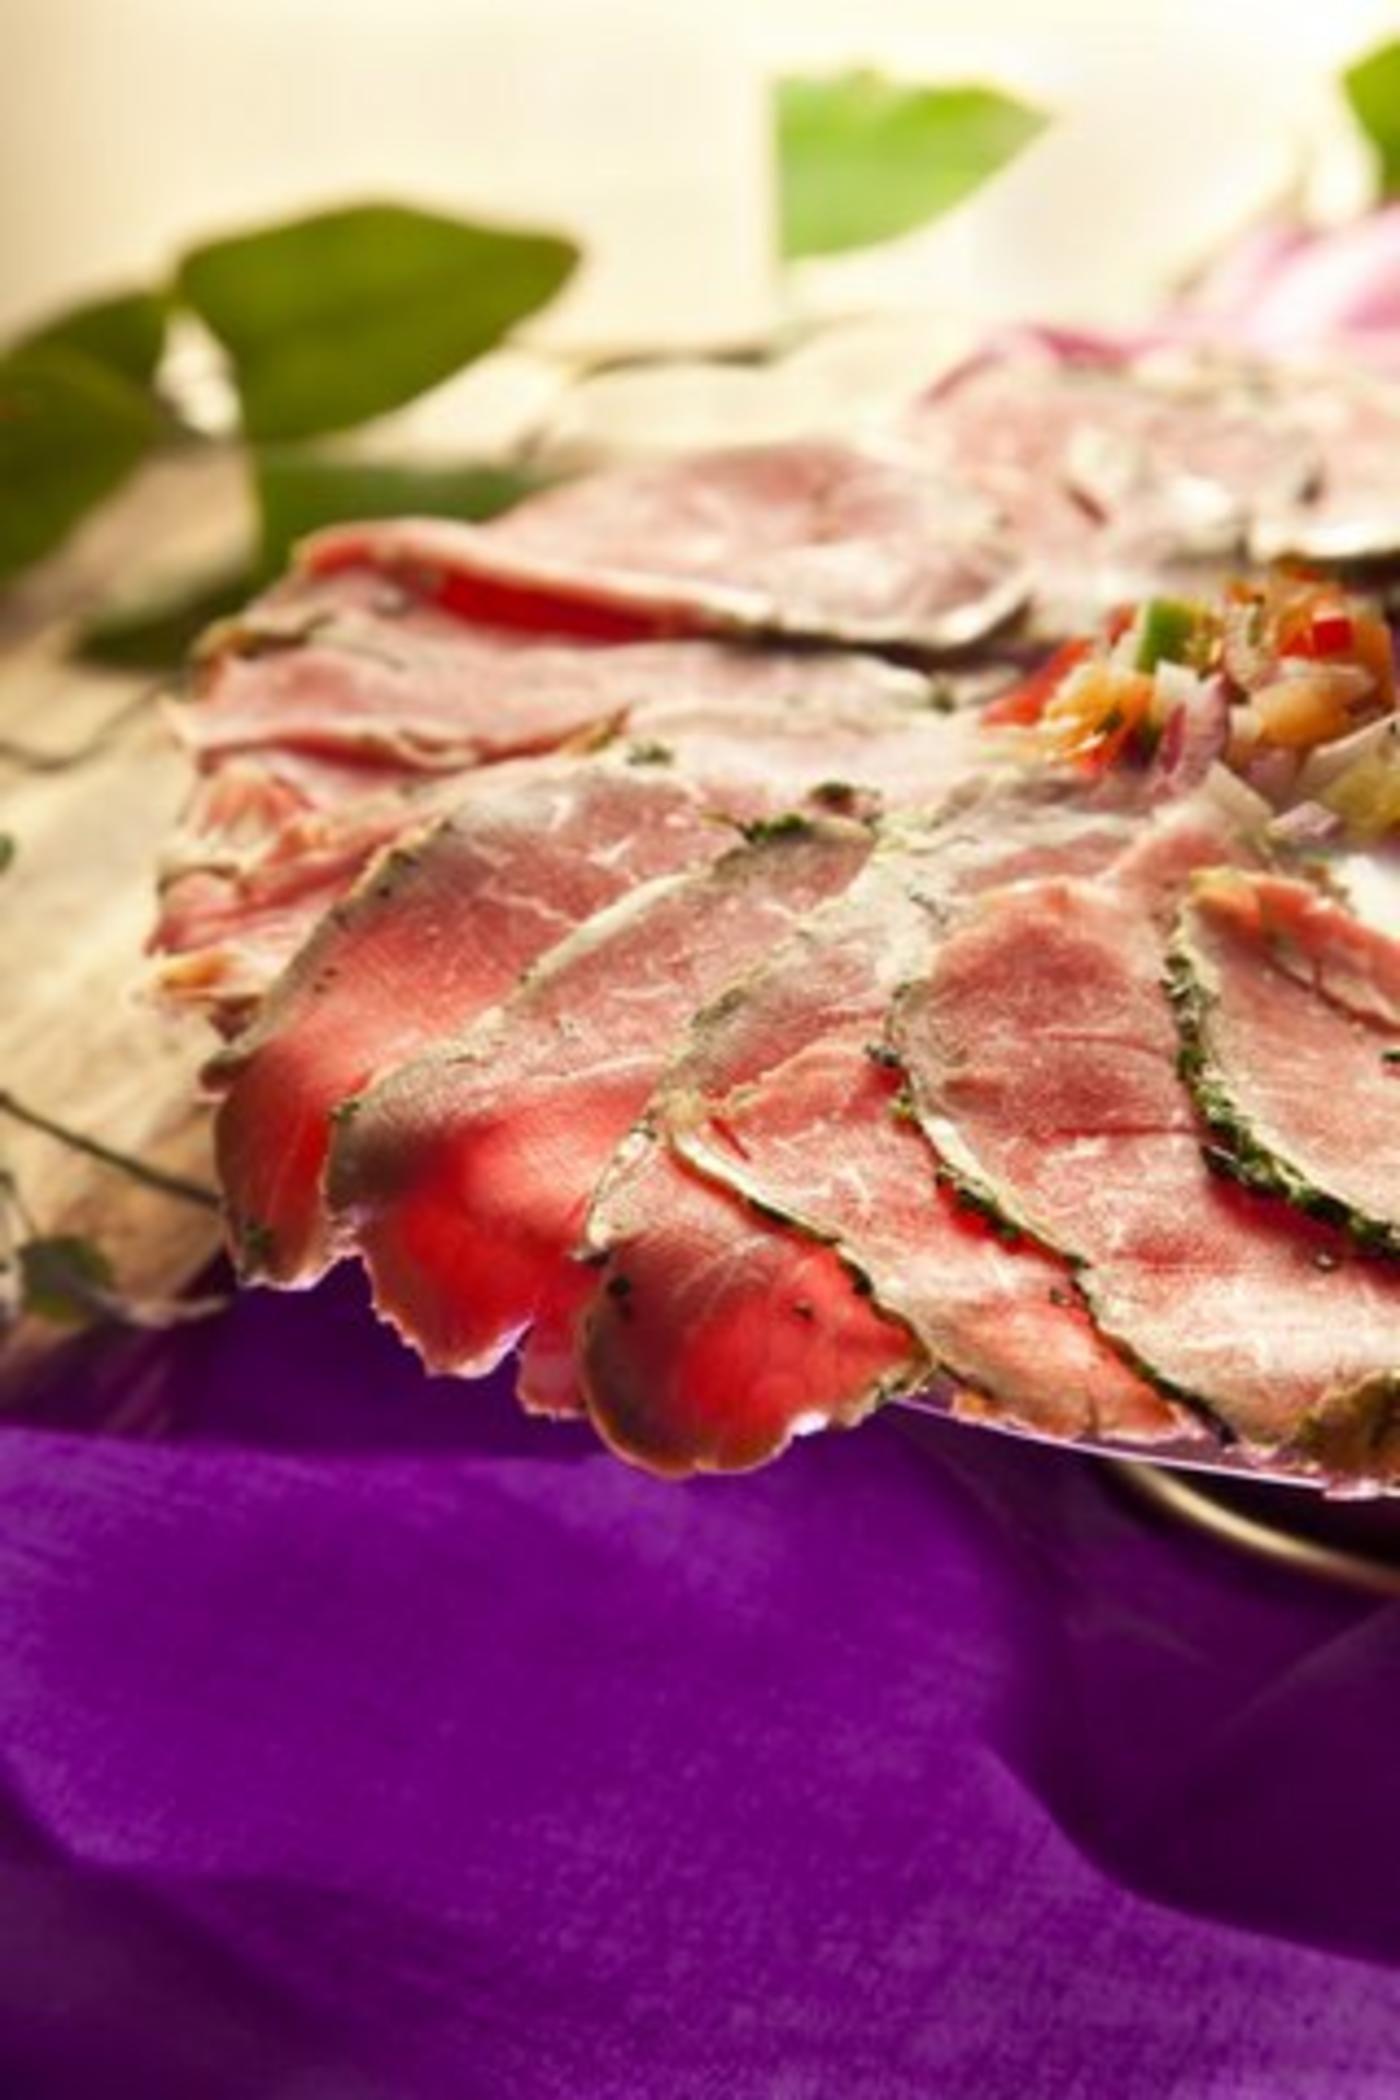 Beef Carpaccio with Tomato Vinaigrette.